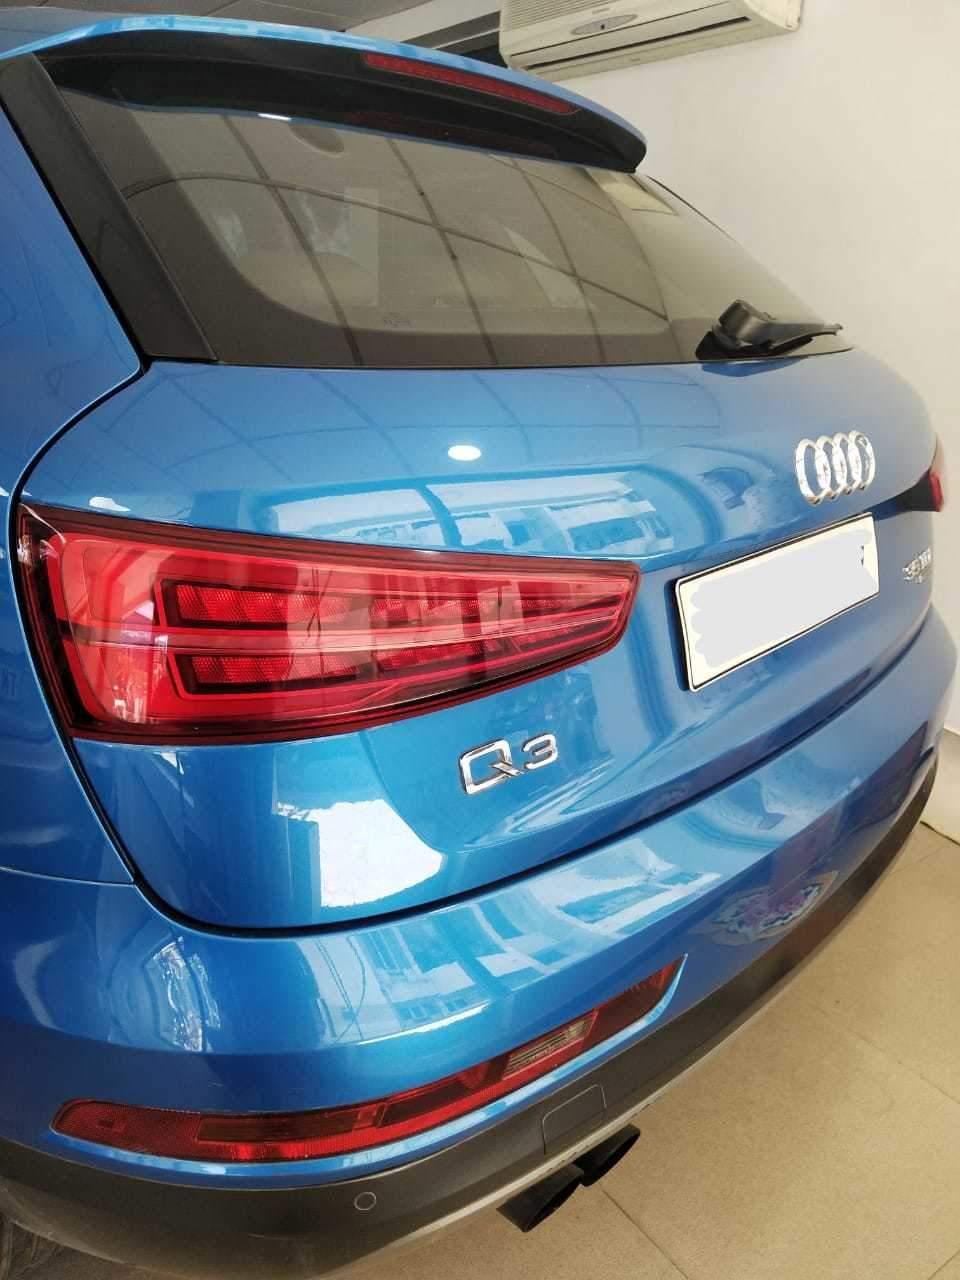 Audi Q3 Front Left Rim